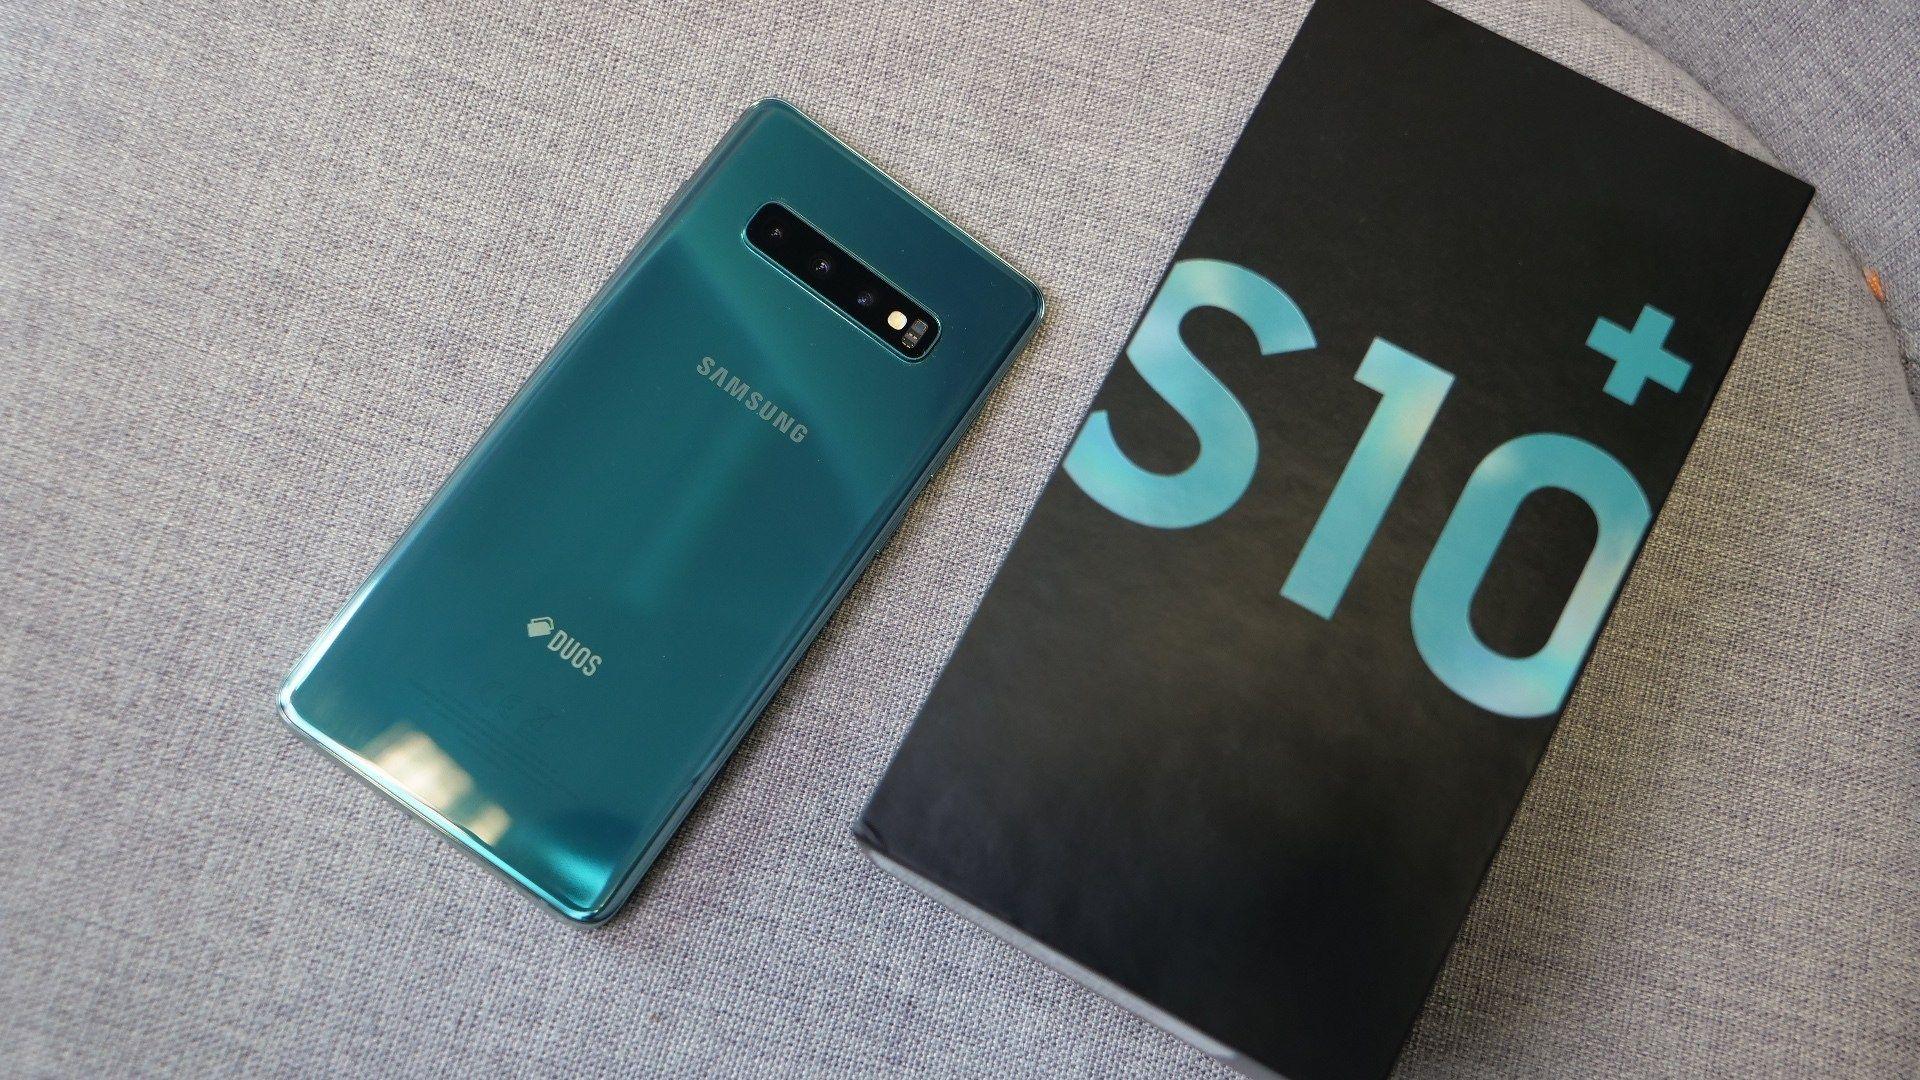 Unboxing și prime impresii despre Samsung Galaxy S10 Plus | Articole